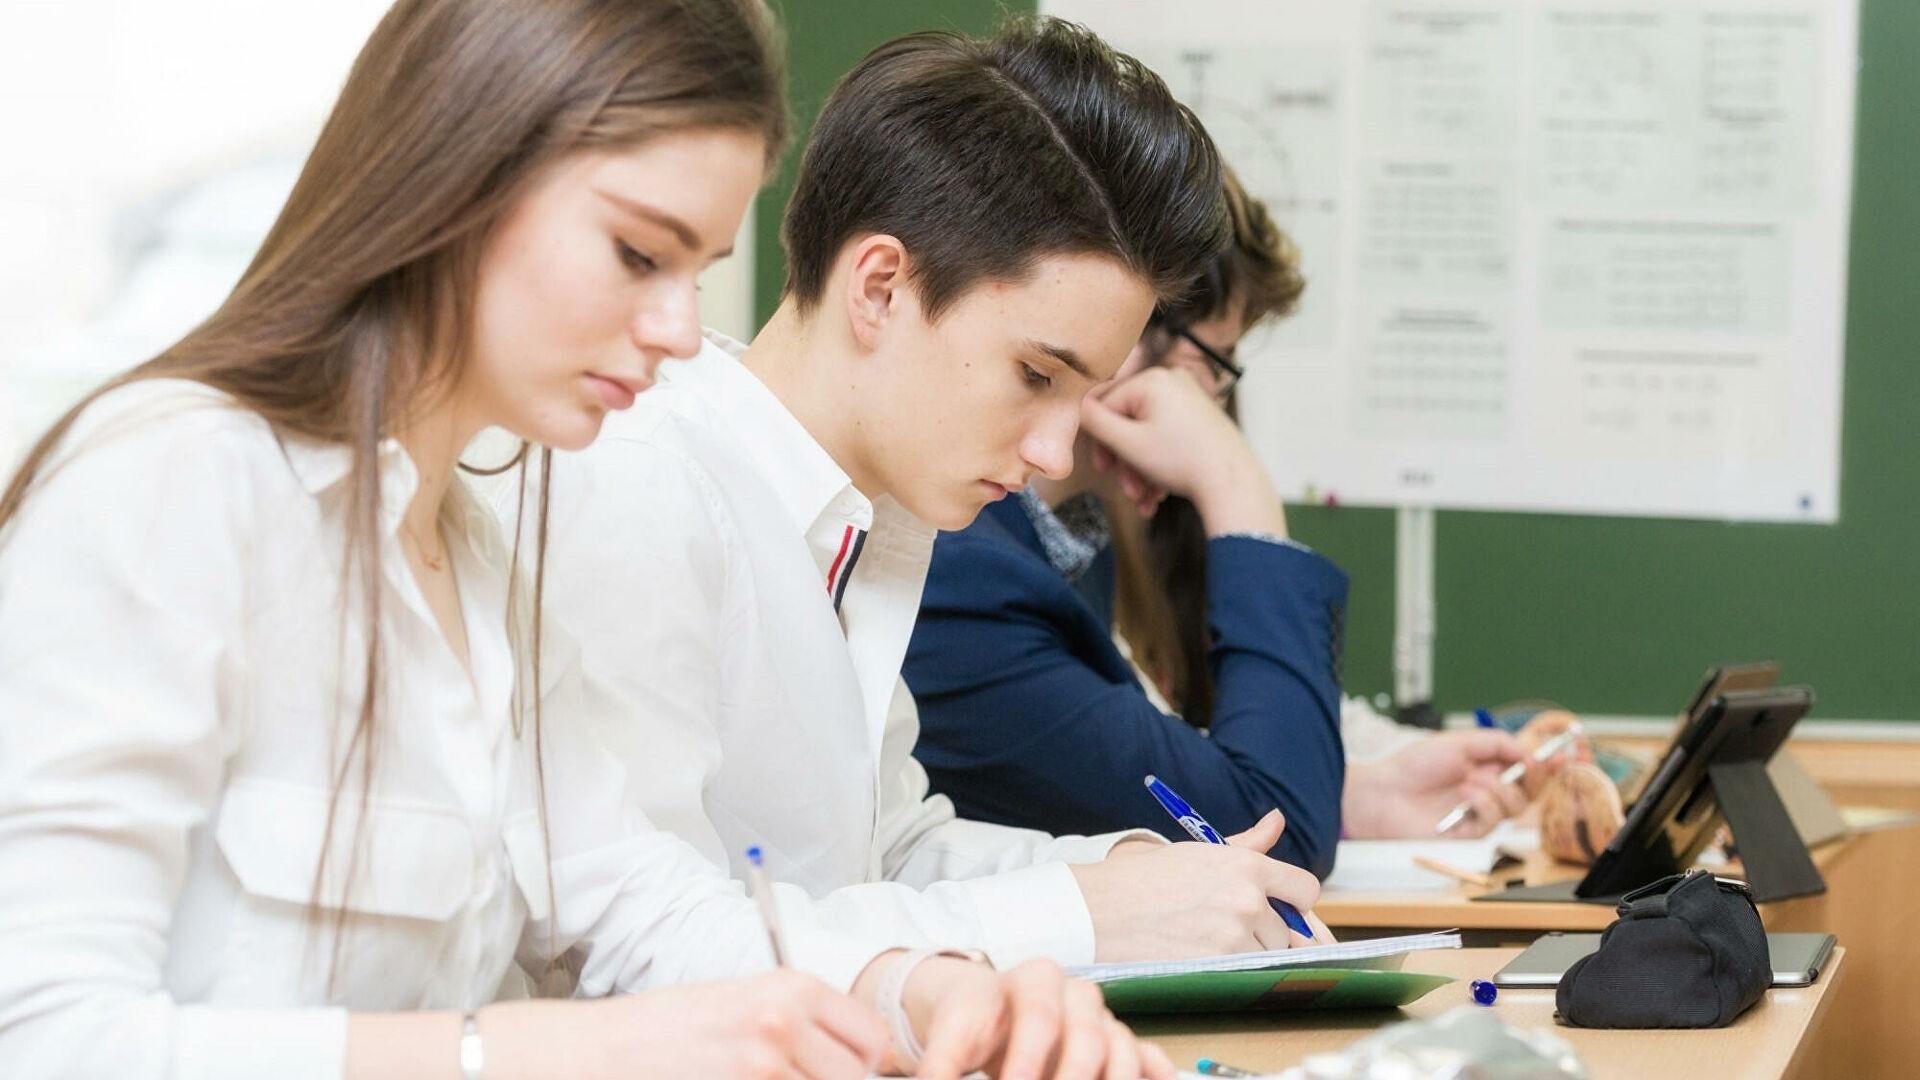 Московские школьники взяли половину дипломой победителей на ВОШ